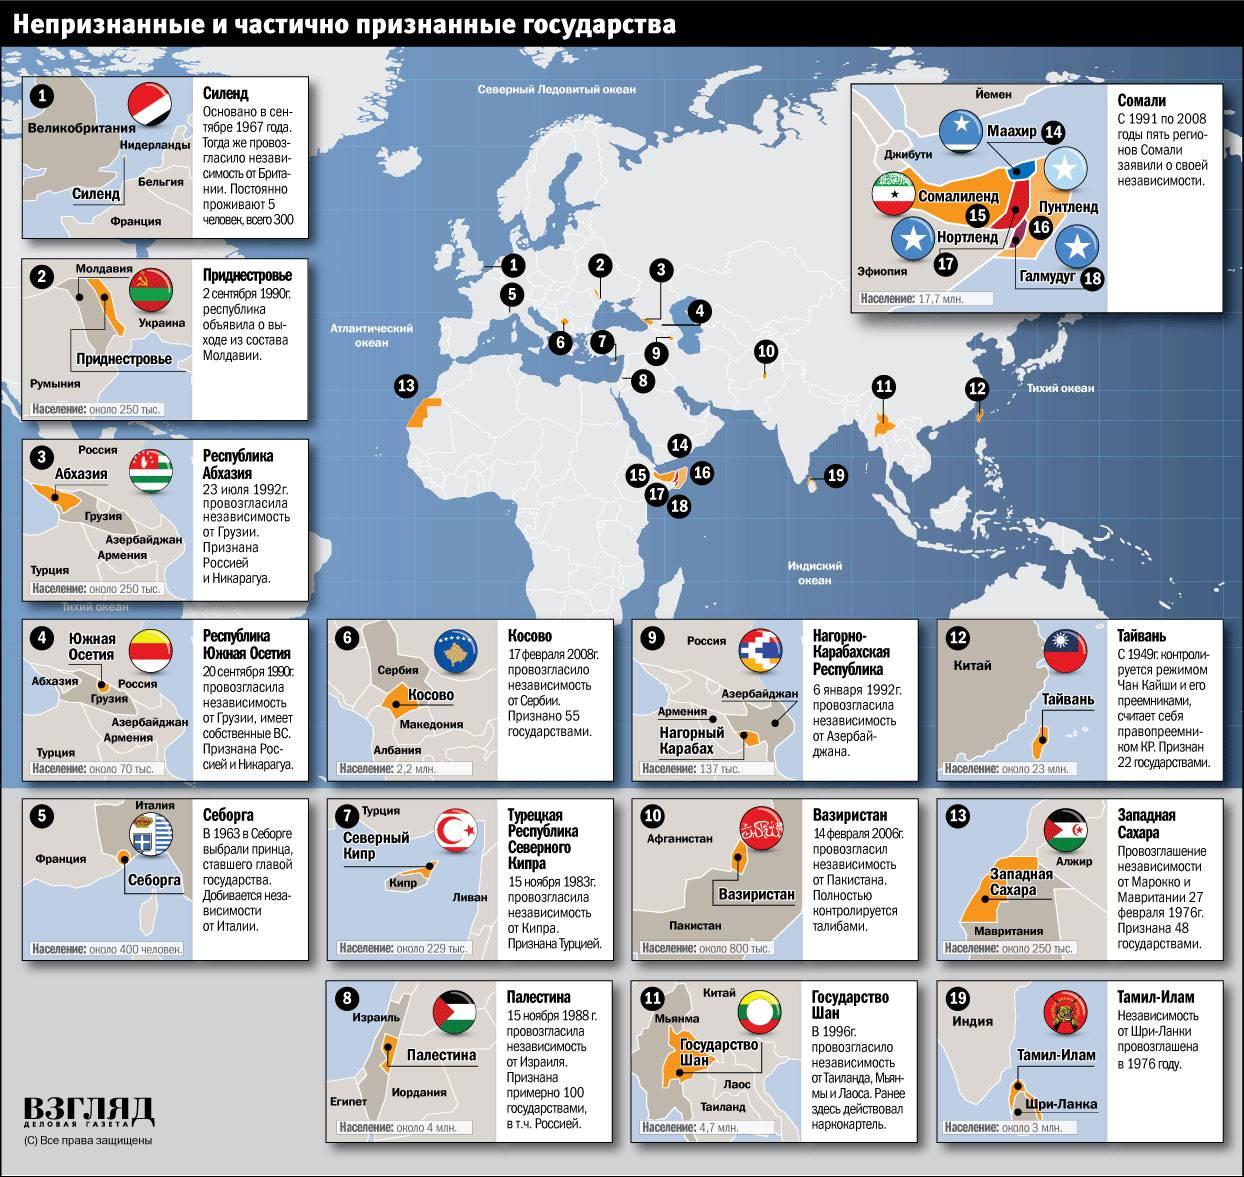 Аргентина и абхазия, северная корея, боливия, венесуэла, более десятка стран, которые относятся к этому списку.